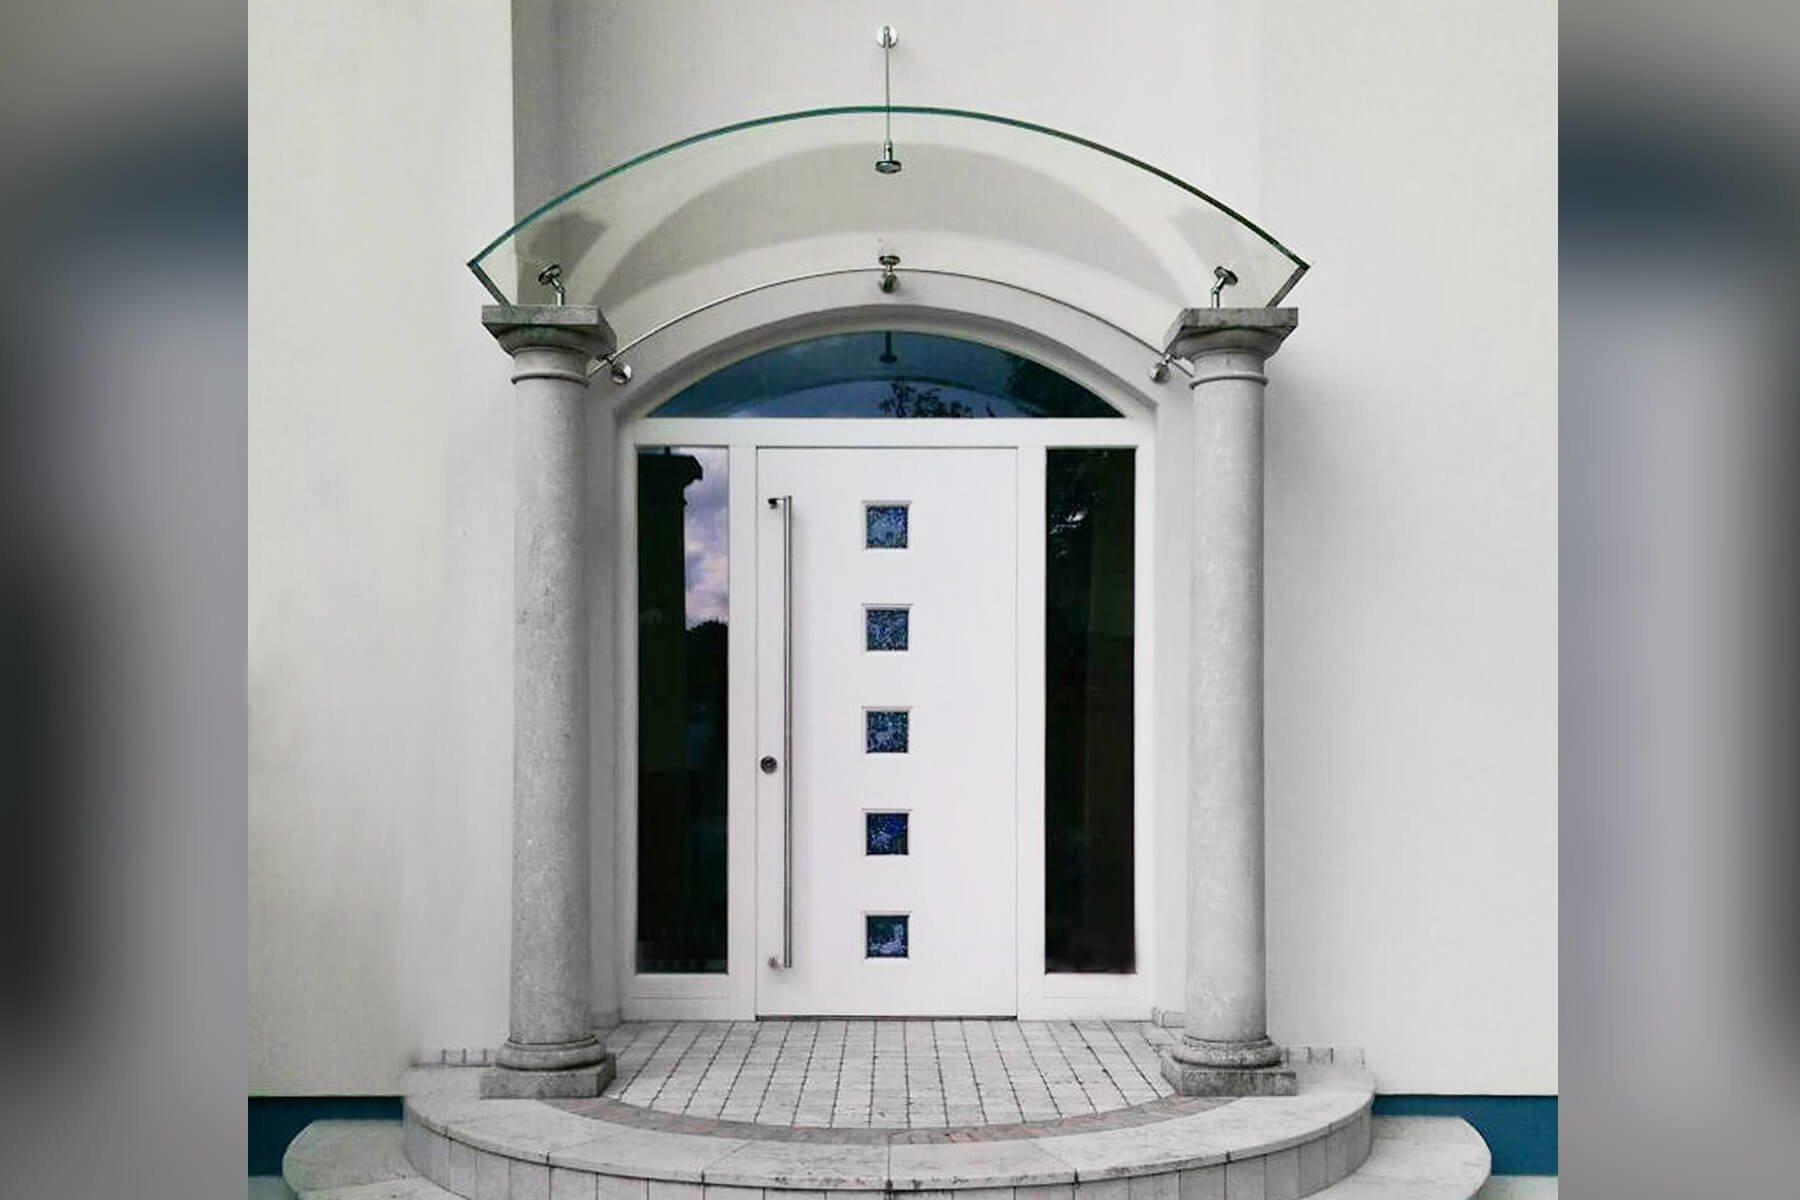 rundbogenvordach-arcata-an-historischer-fassade